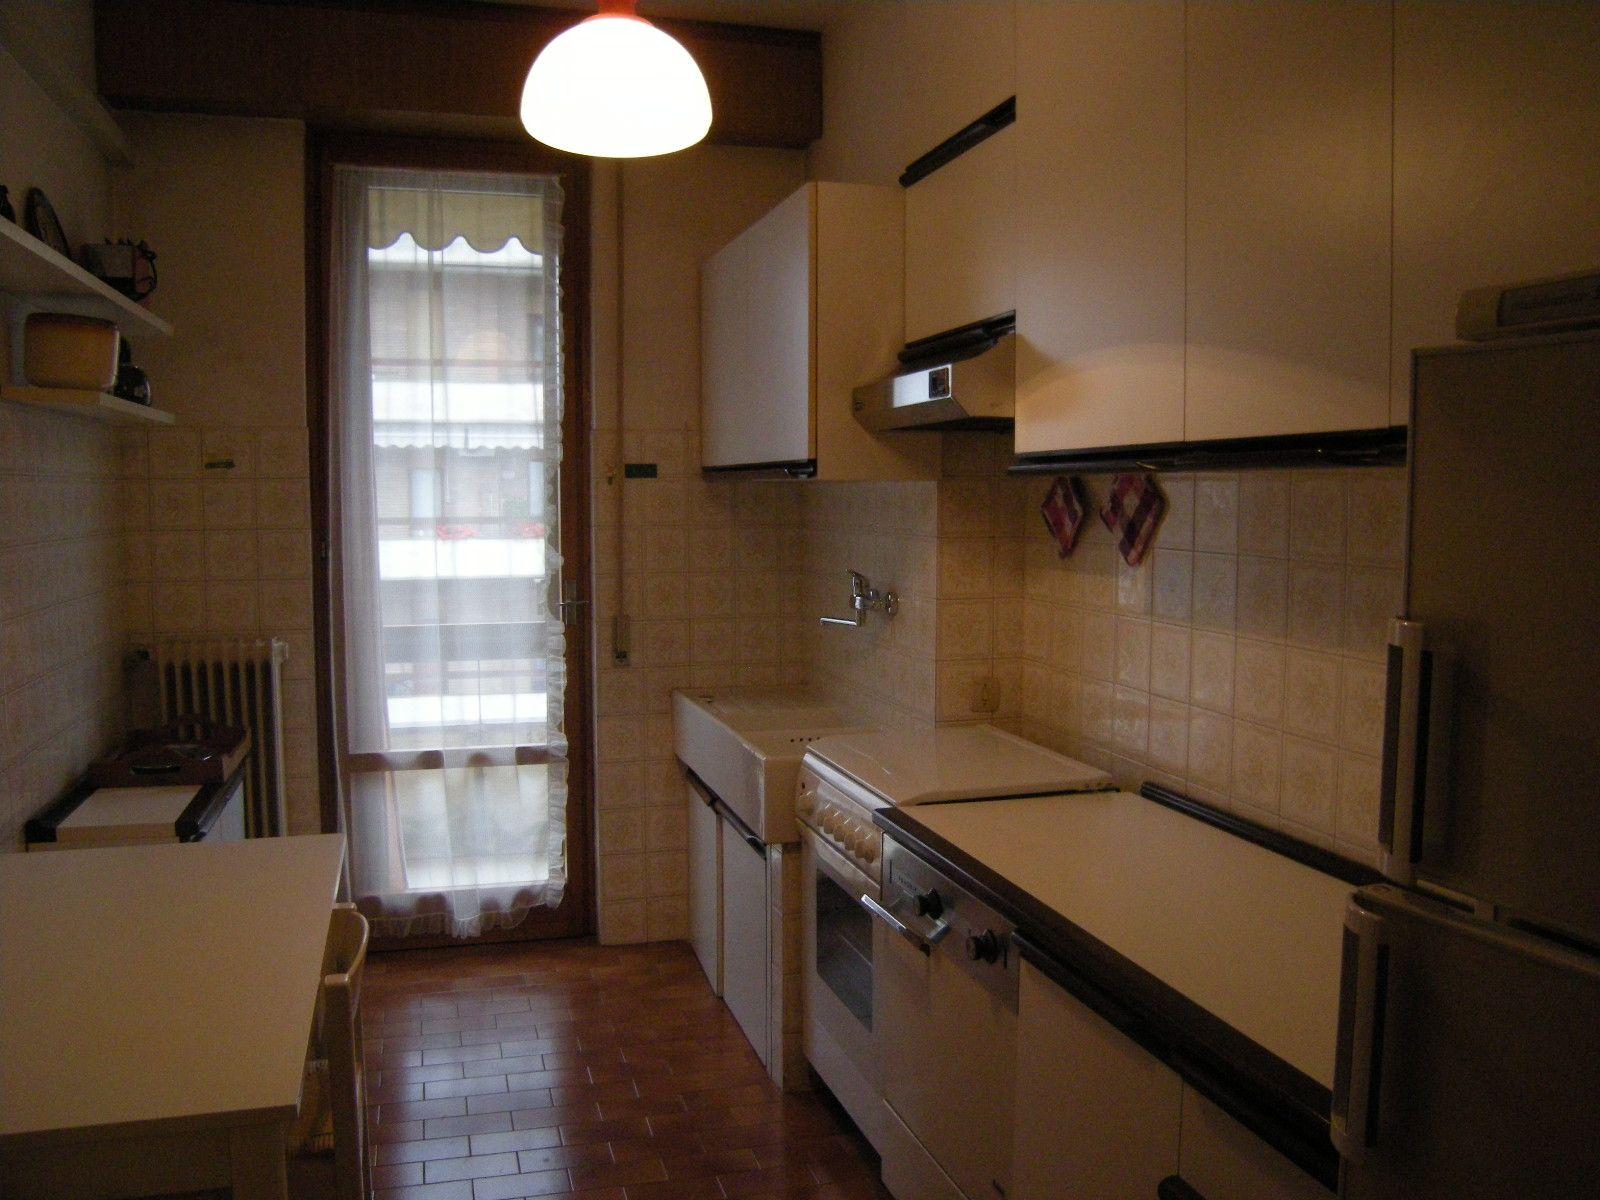 Nuova offerta Schio Immobiliare AFFITTA 2 camere arredato